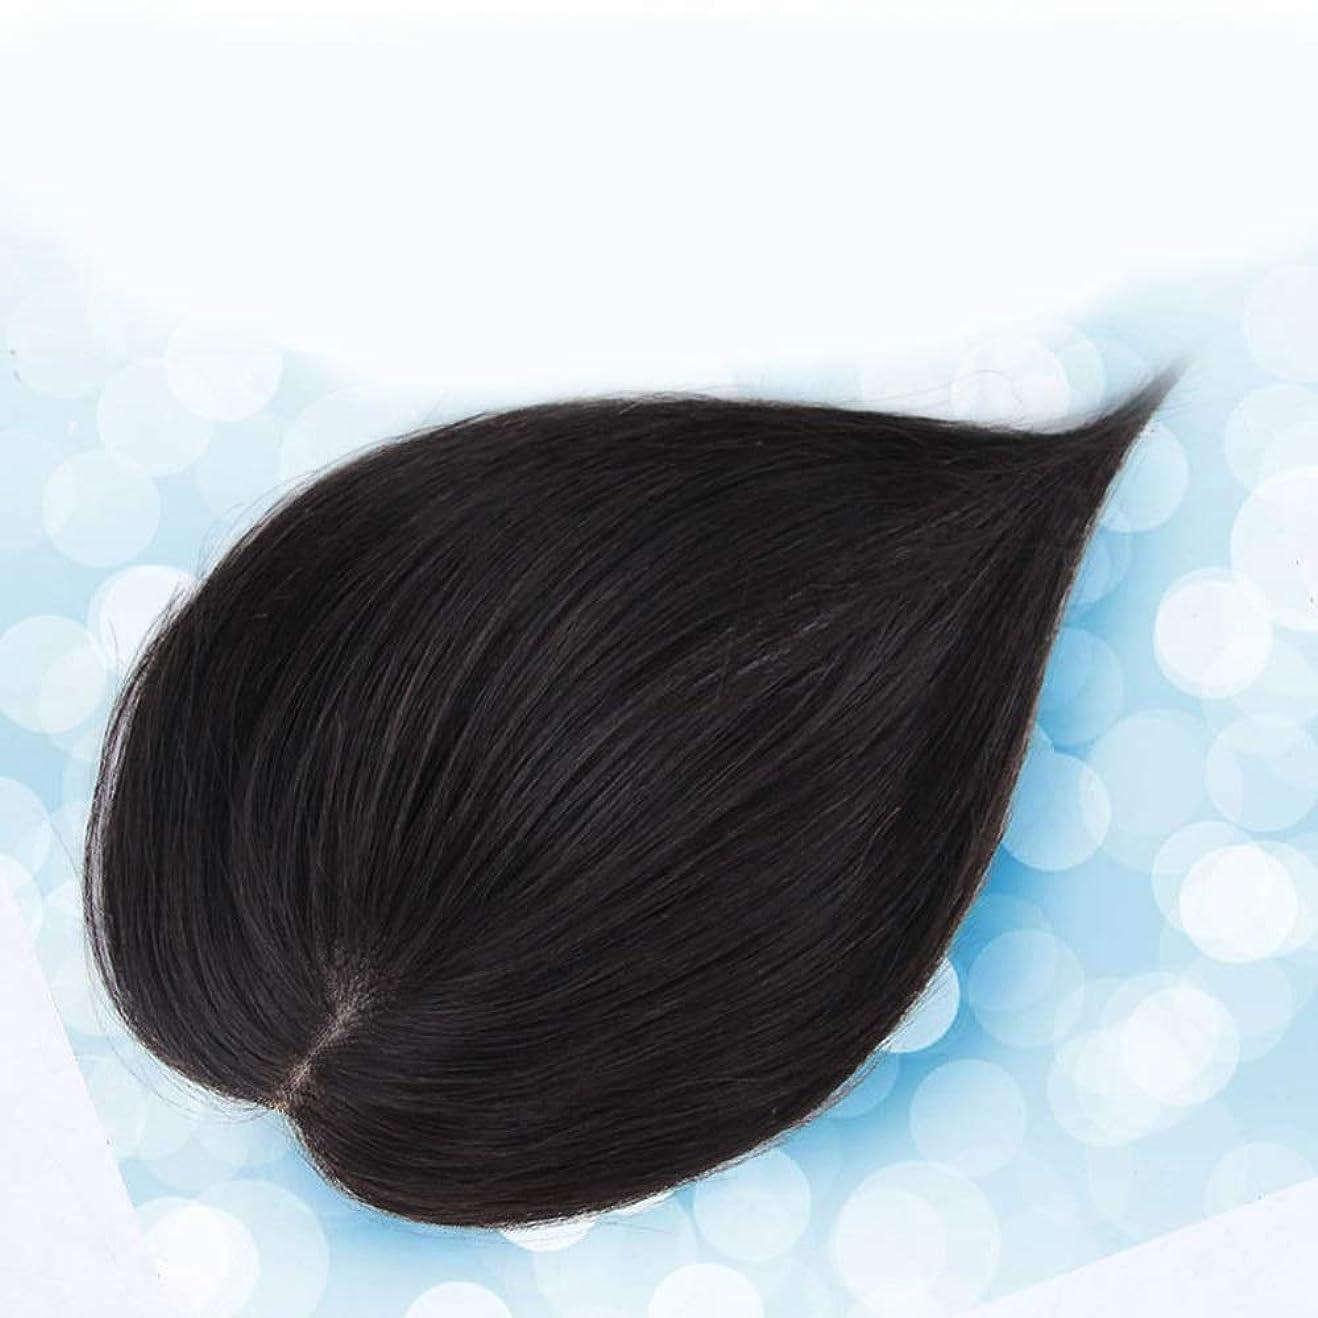 分割スライス蘇生するHOHYLLYA ヘアエクステンションダークブラウンストレート人毛ウィッグパーティーウィッグで女性のリアルヘアクリップ (色 : [9x14] 30cm natural black)